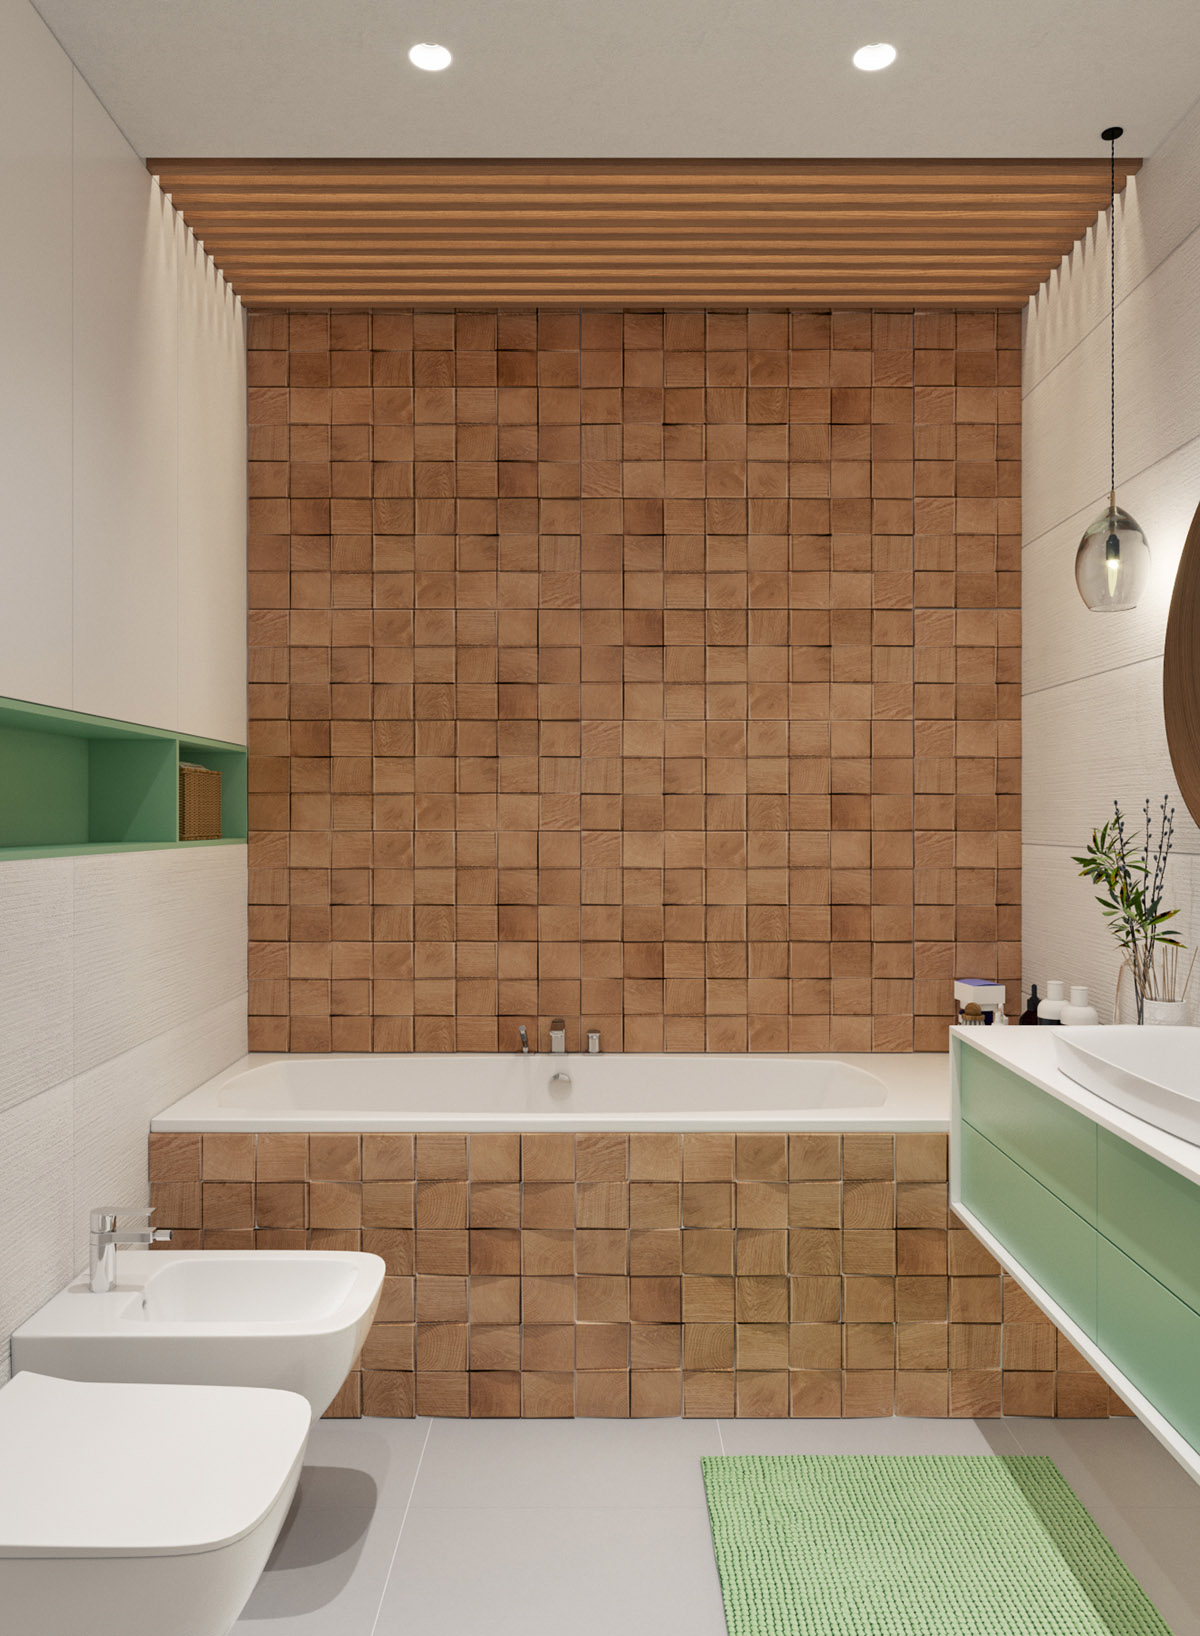 wood-tile-bathtub-enclosure